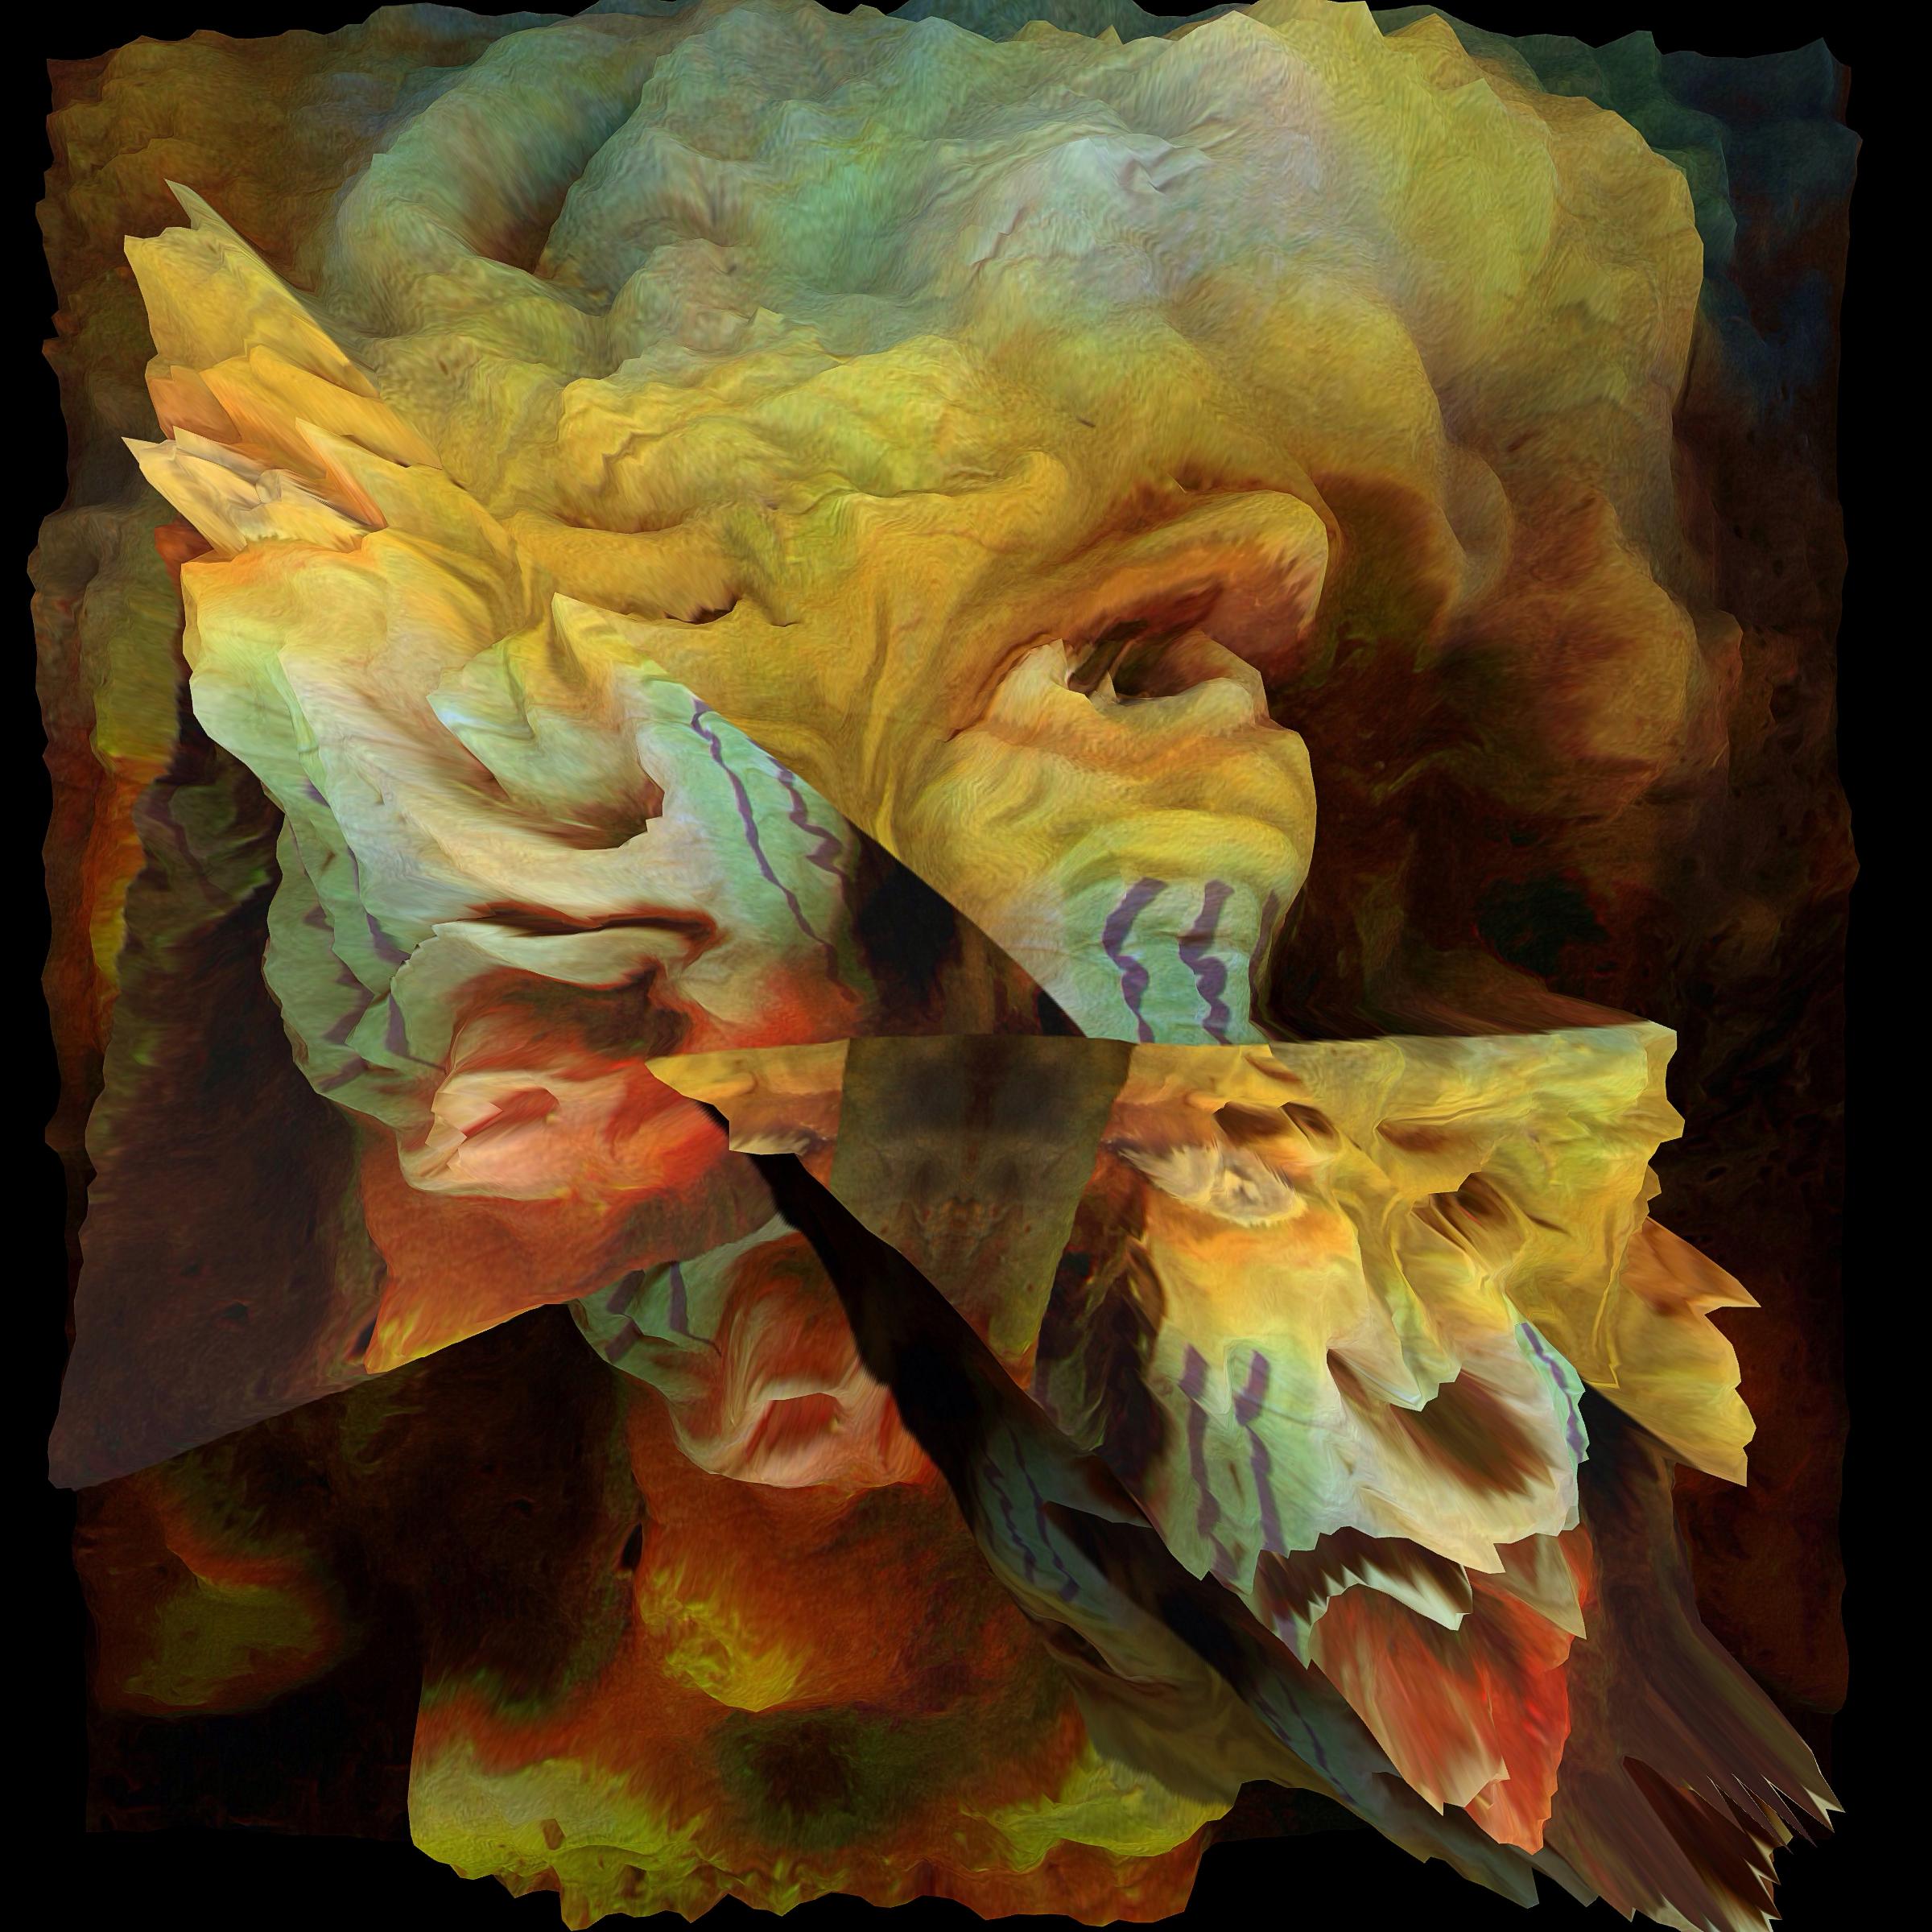 Andrea Koerner ~ Deconstructing Life